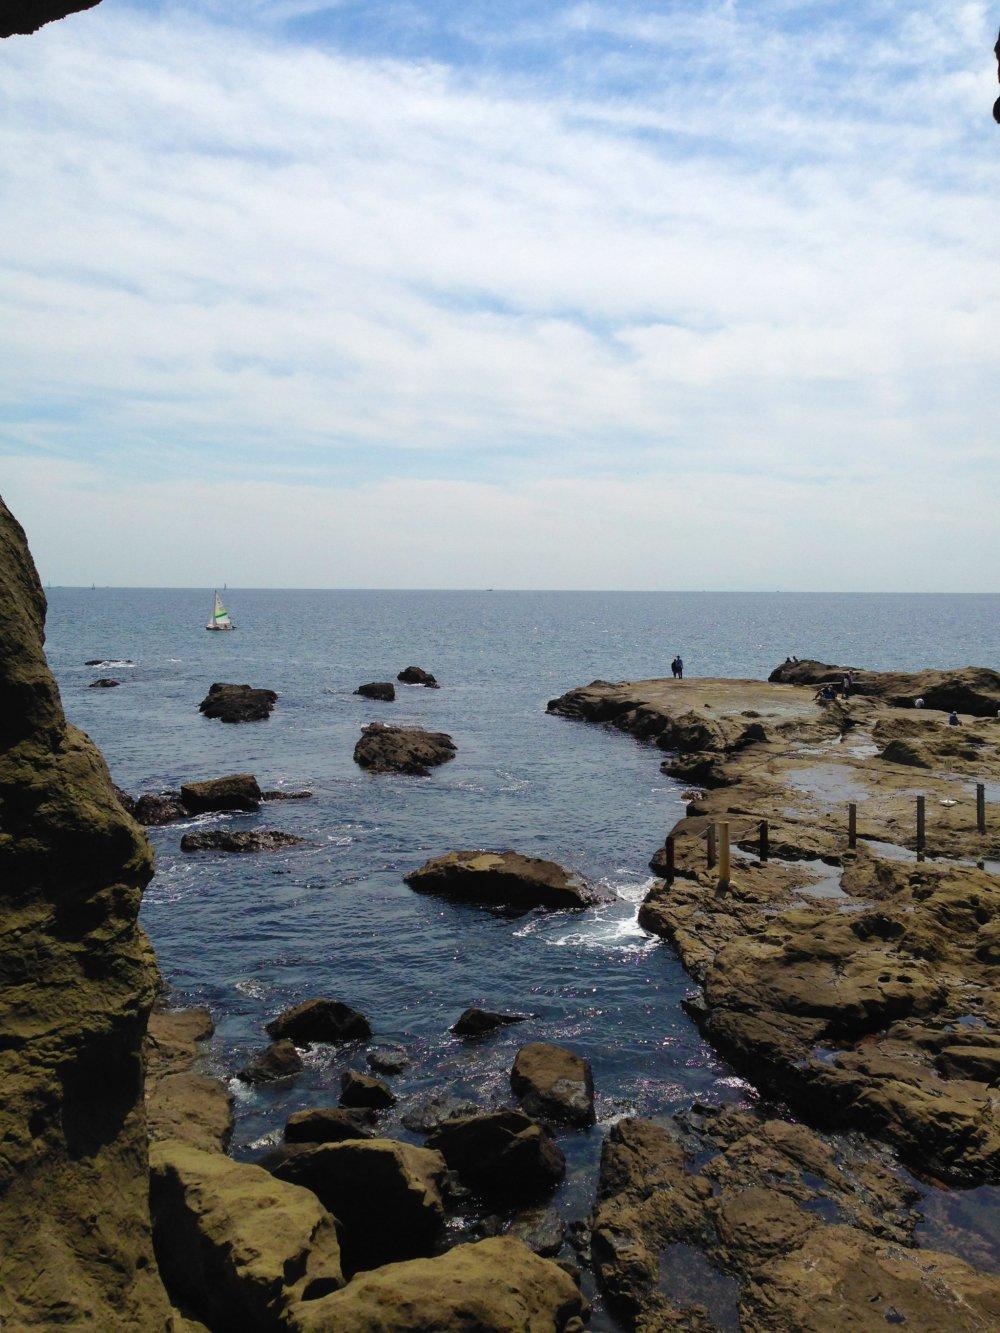 Vista da saída de uma das grutas da ilha